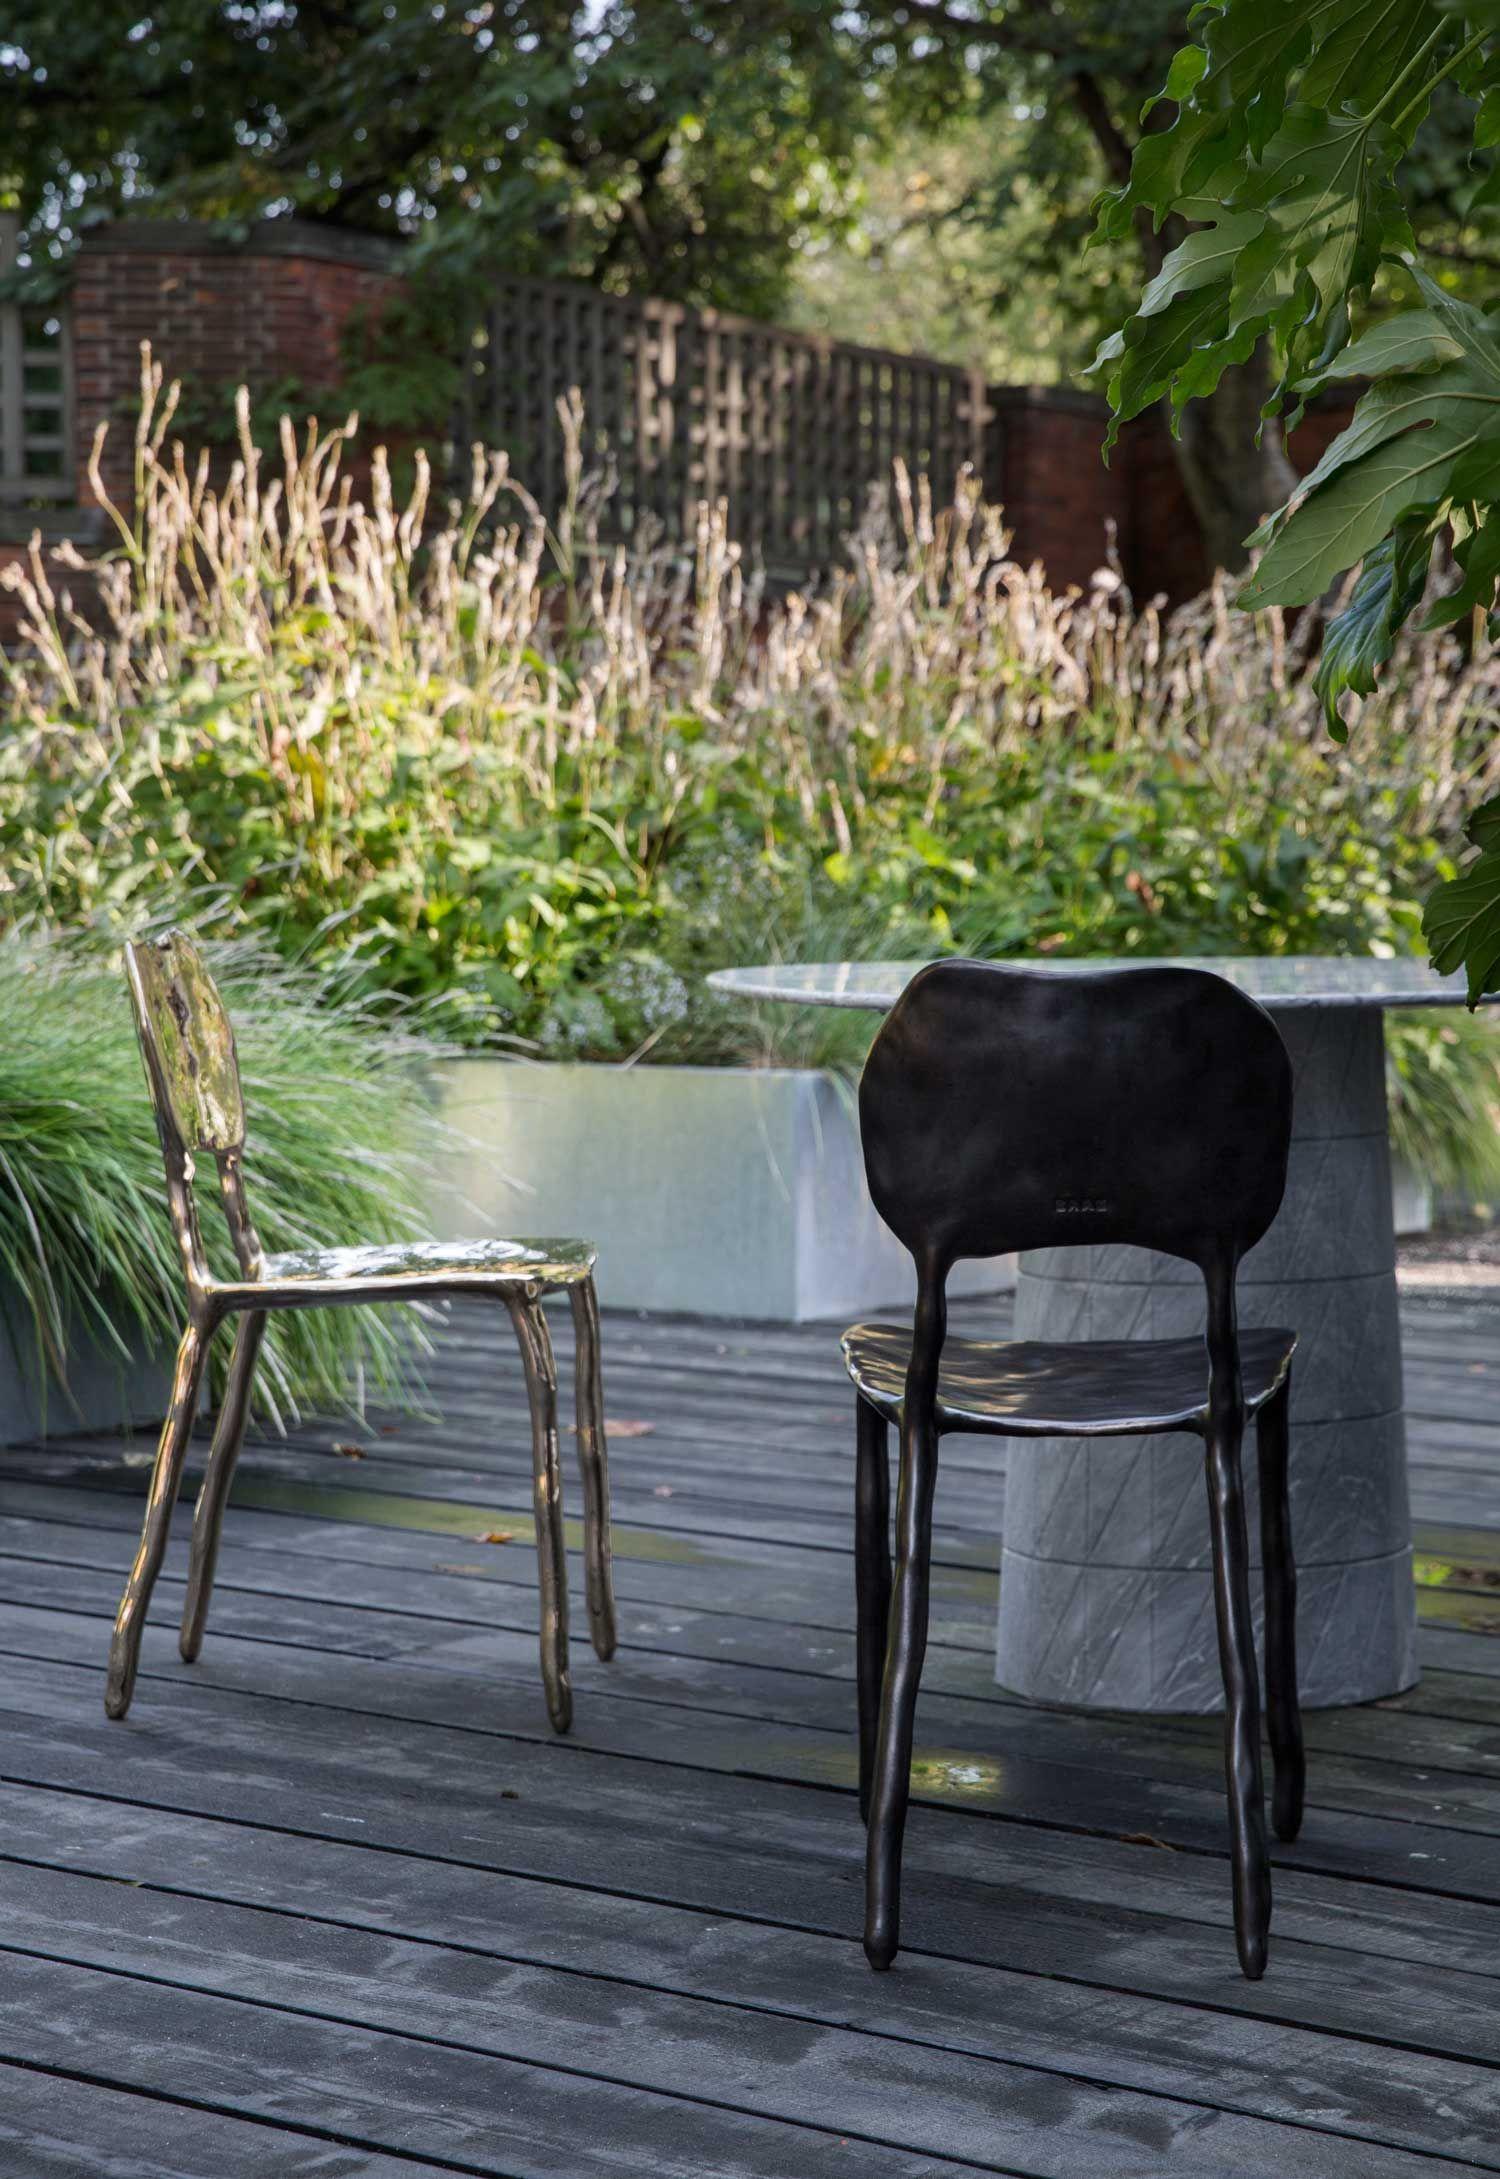 Secret Garden Outdoor Design Exhibition by Scholten